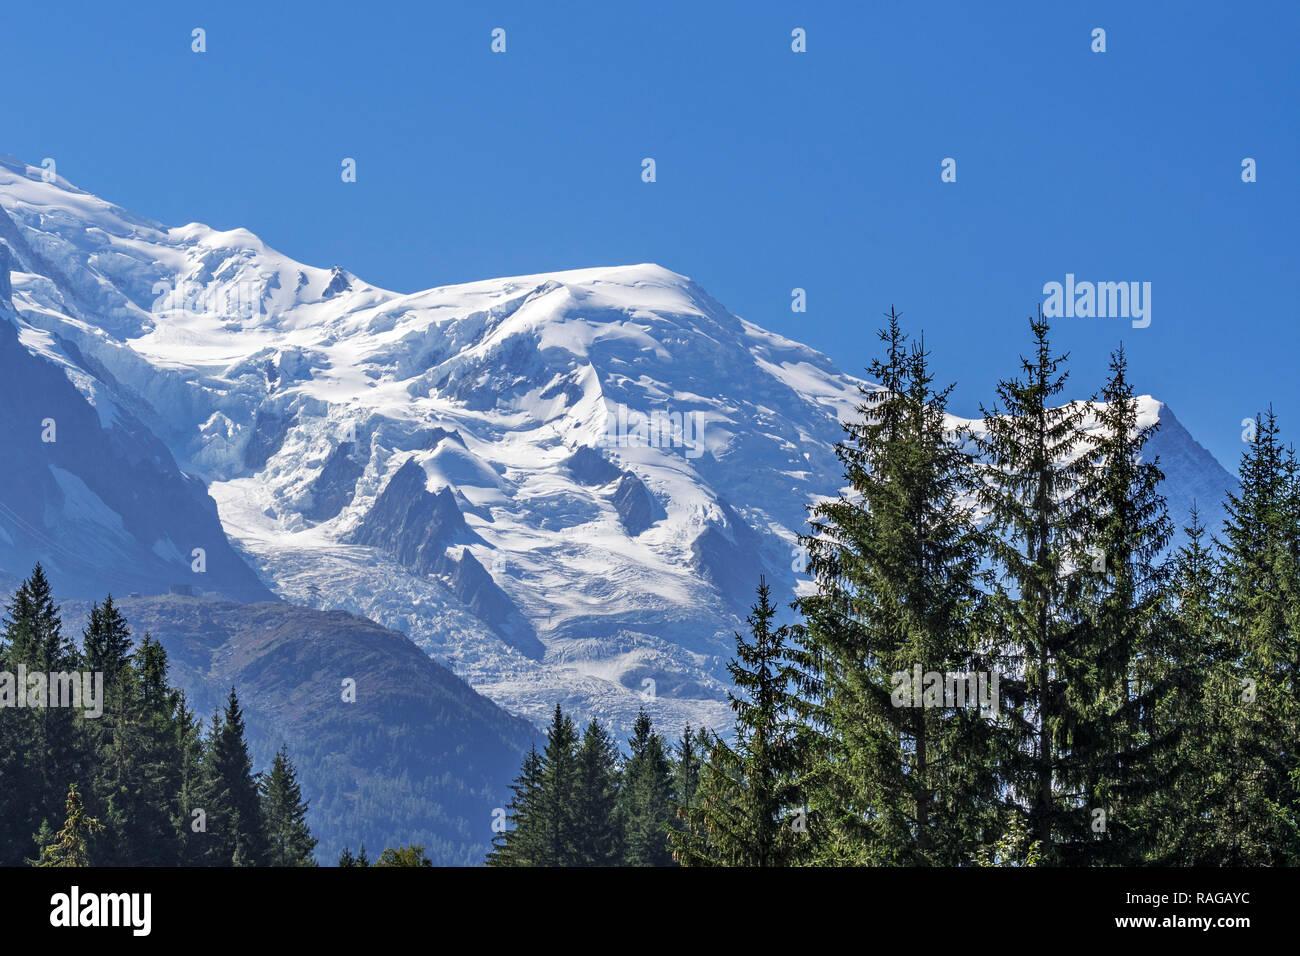 Französische Seite der Mont Blanc Massiv mit den Dôme du Goûter Mountain Top/Gipfel und der Glacier des Bossons im Sommer, Haute-Savoie, Frankreich Stockbild